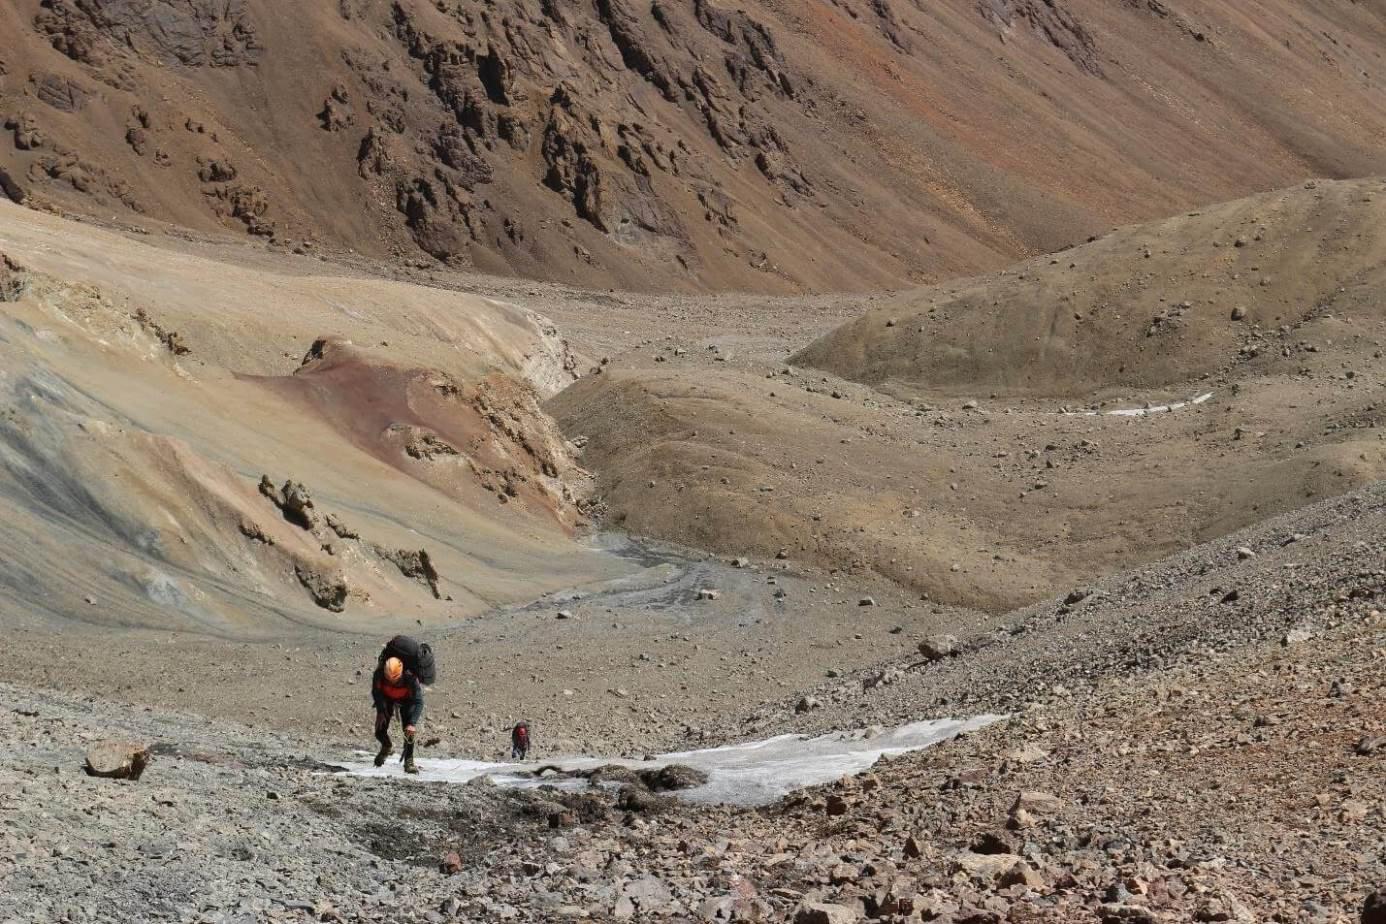 Отчет о горном походе 5 категории сложности по Памиру, хребет Музкол